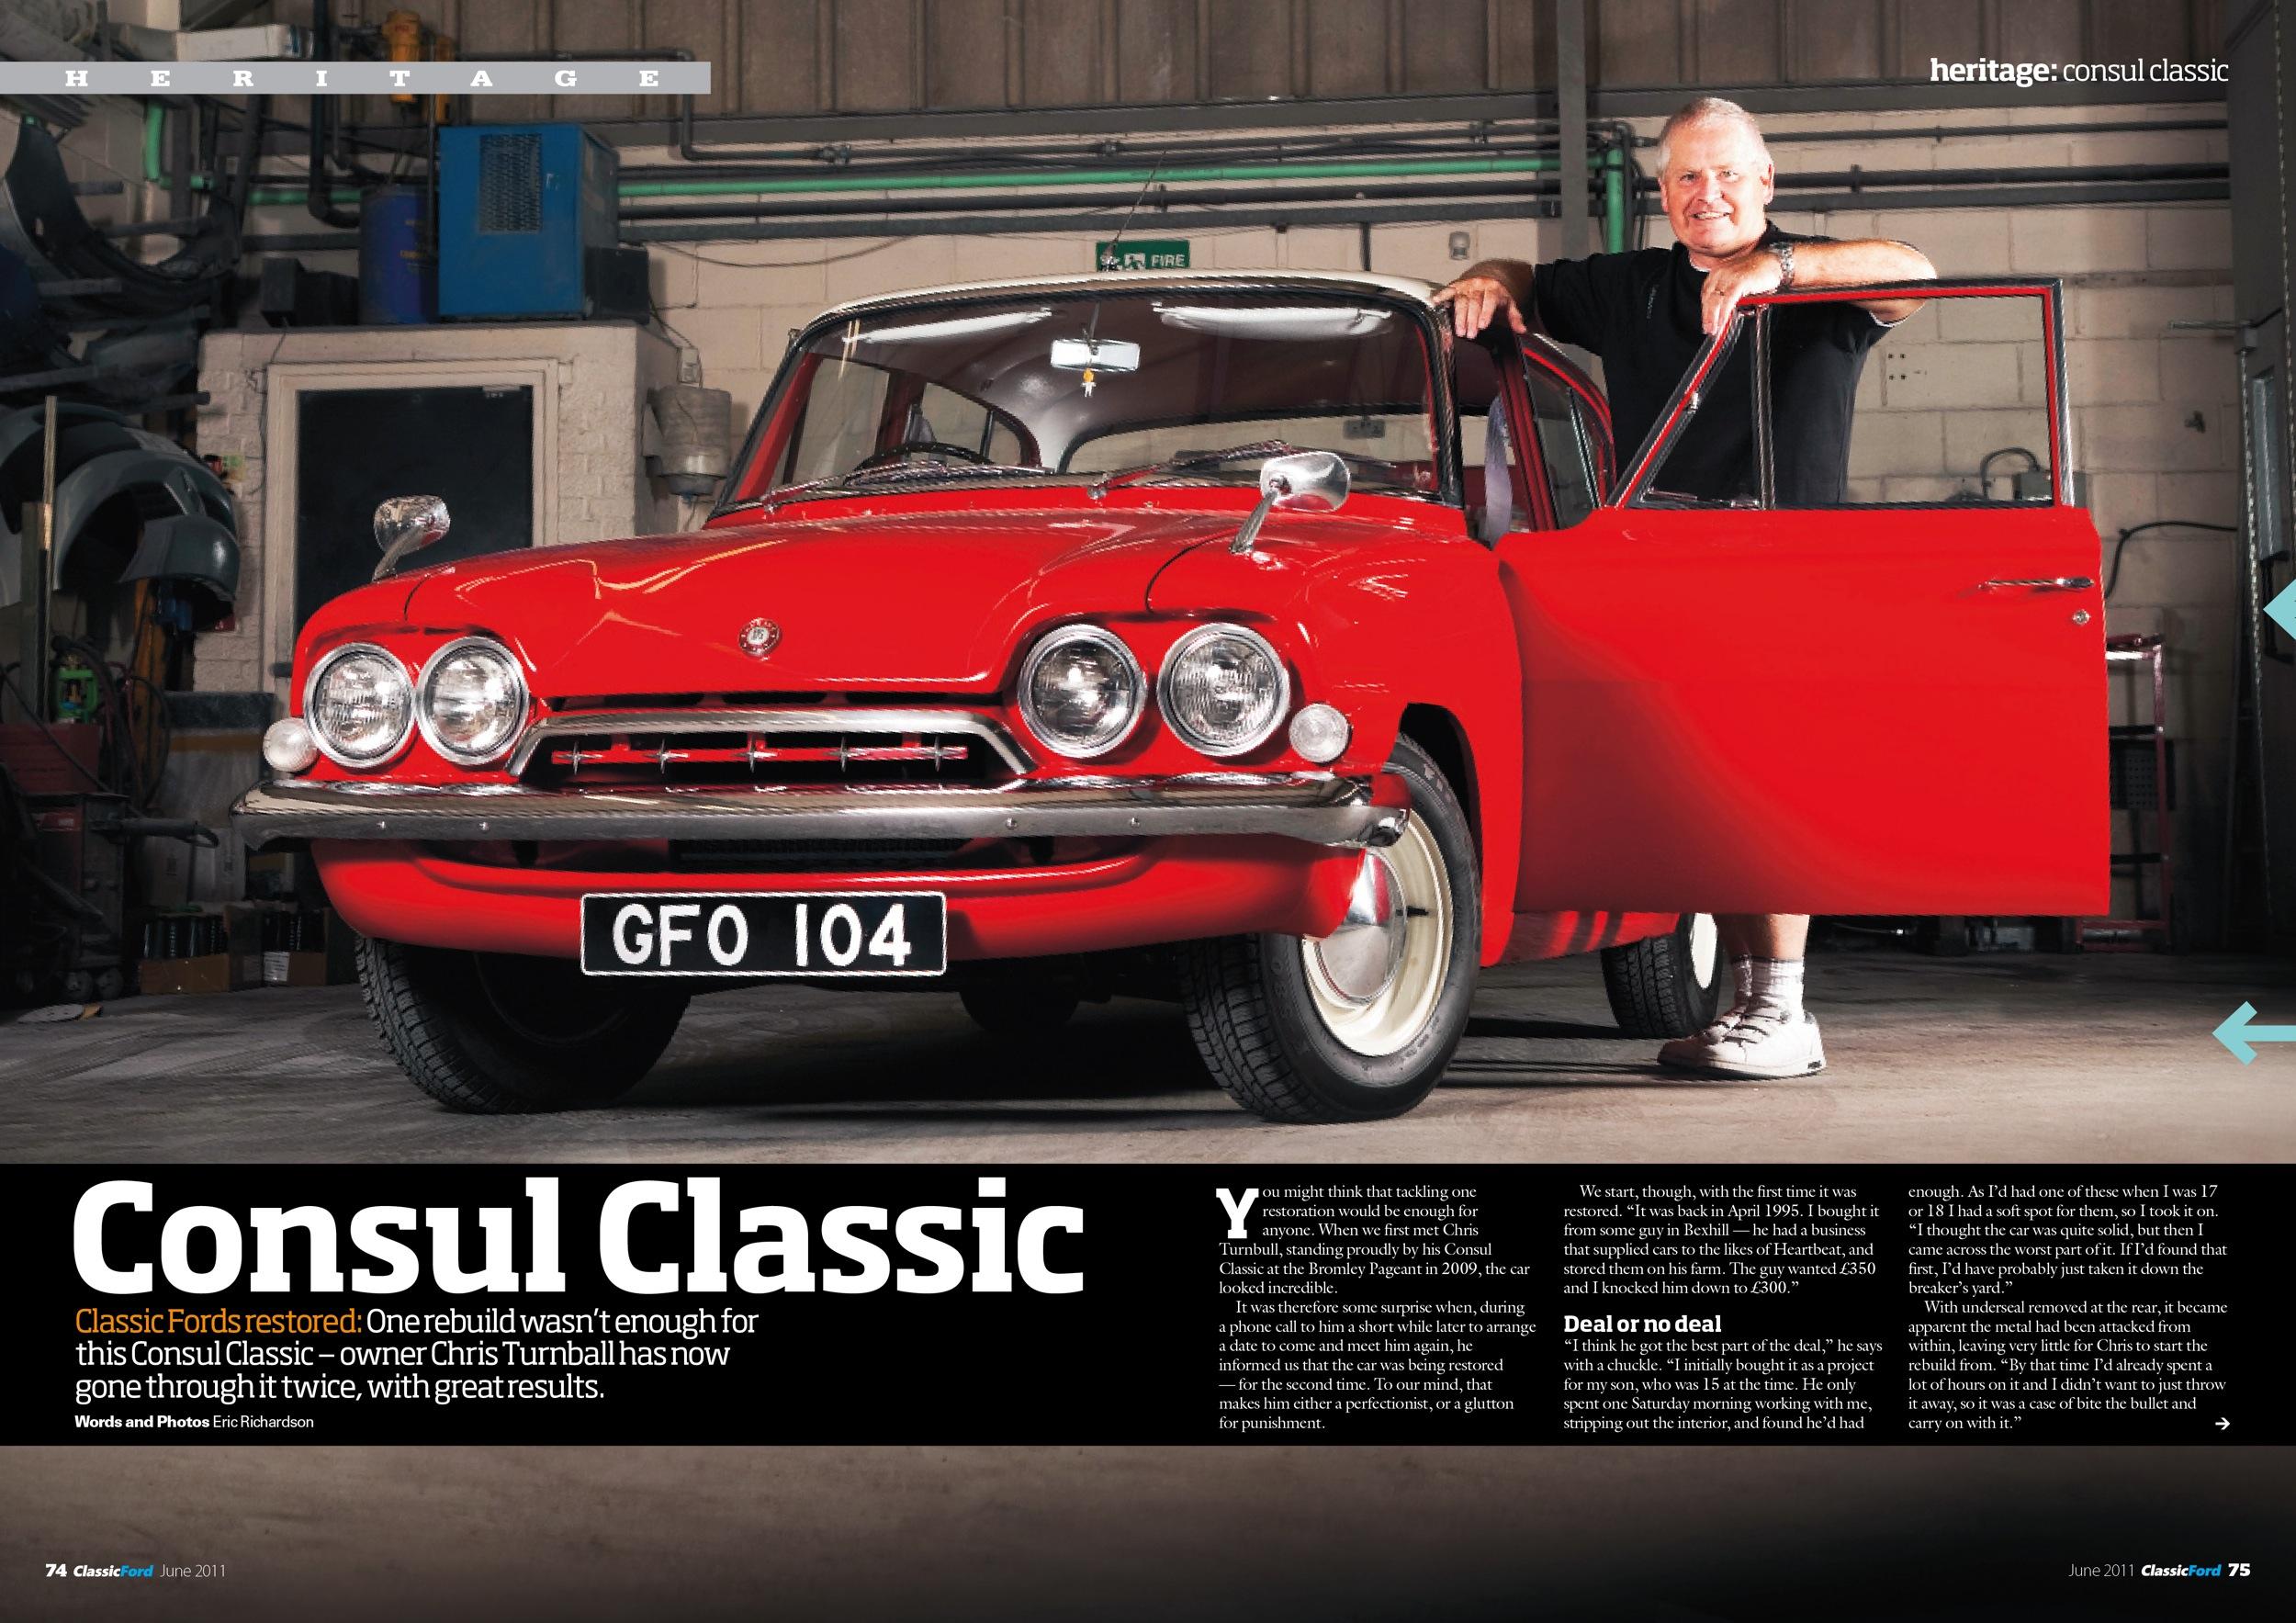 Classic Ford Consul Classic